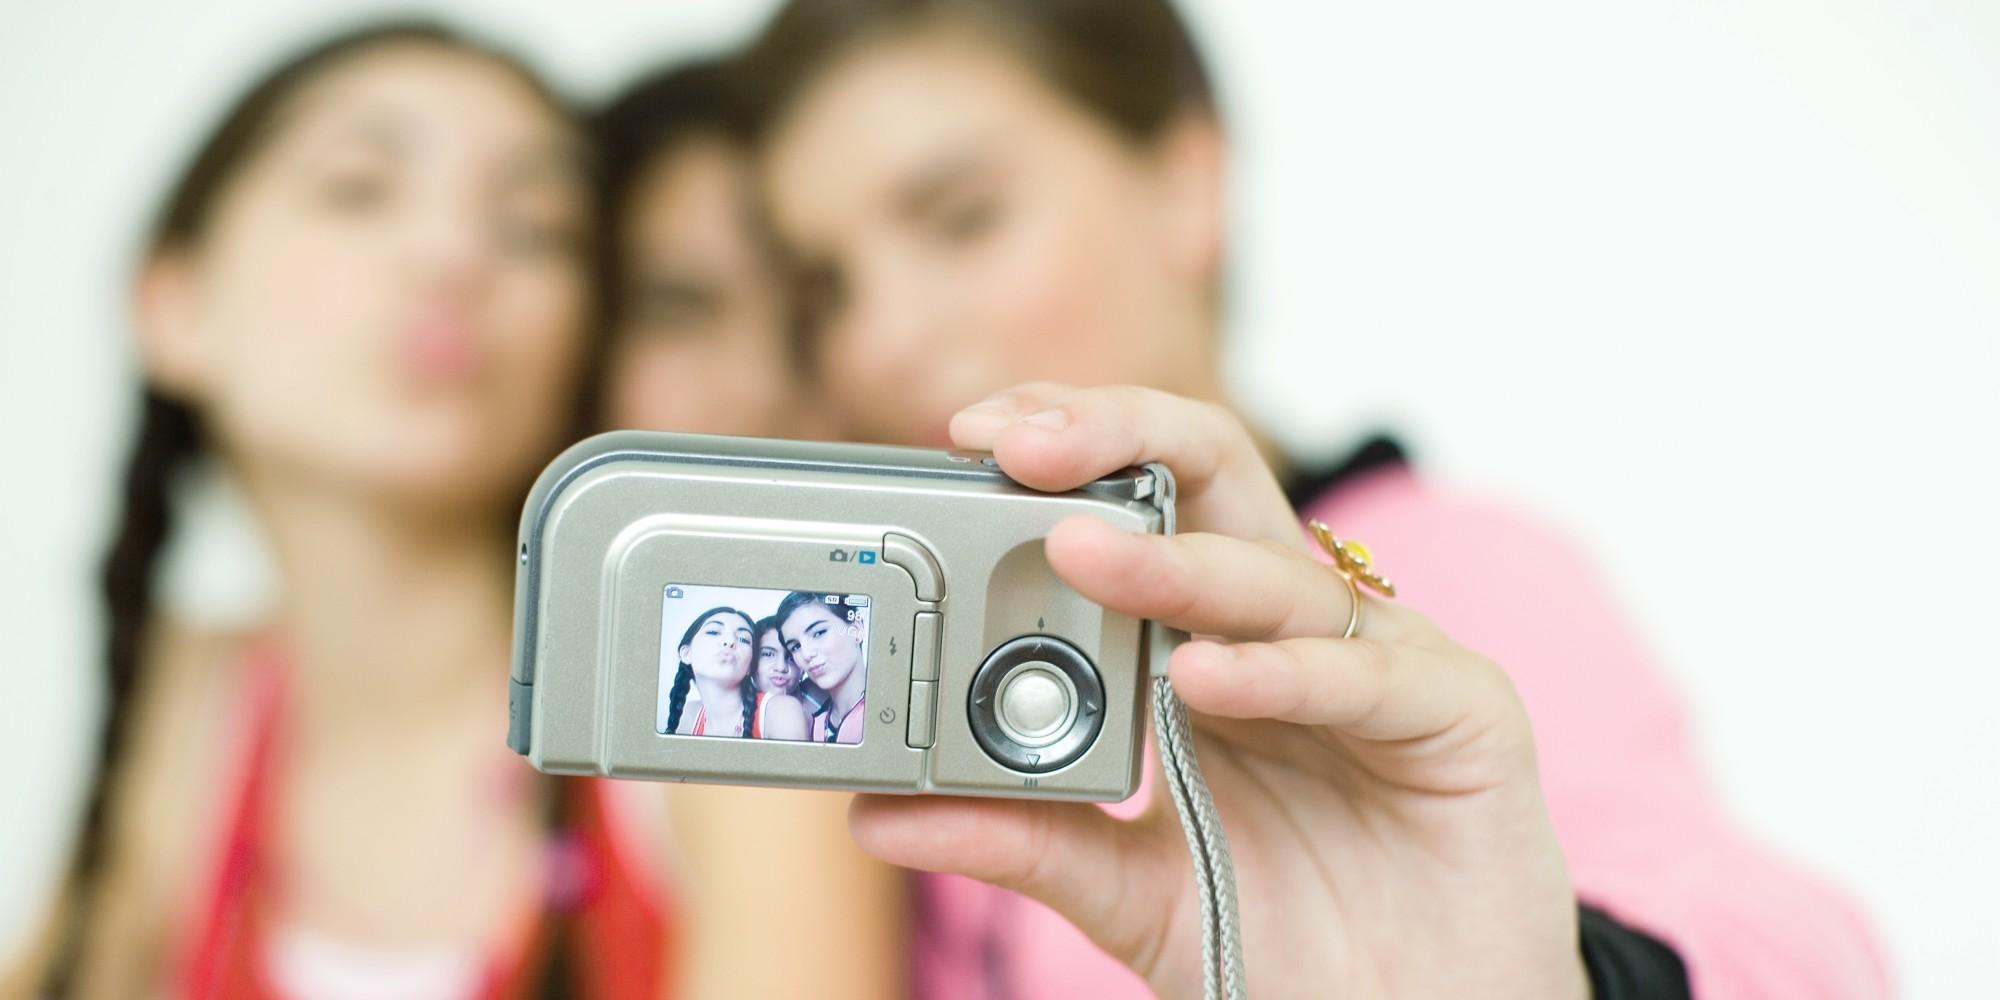 Selfie facilita a proliferação de piolhos, segundo o governo russo.